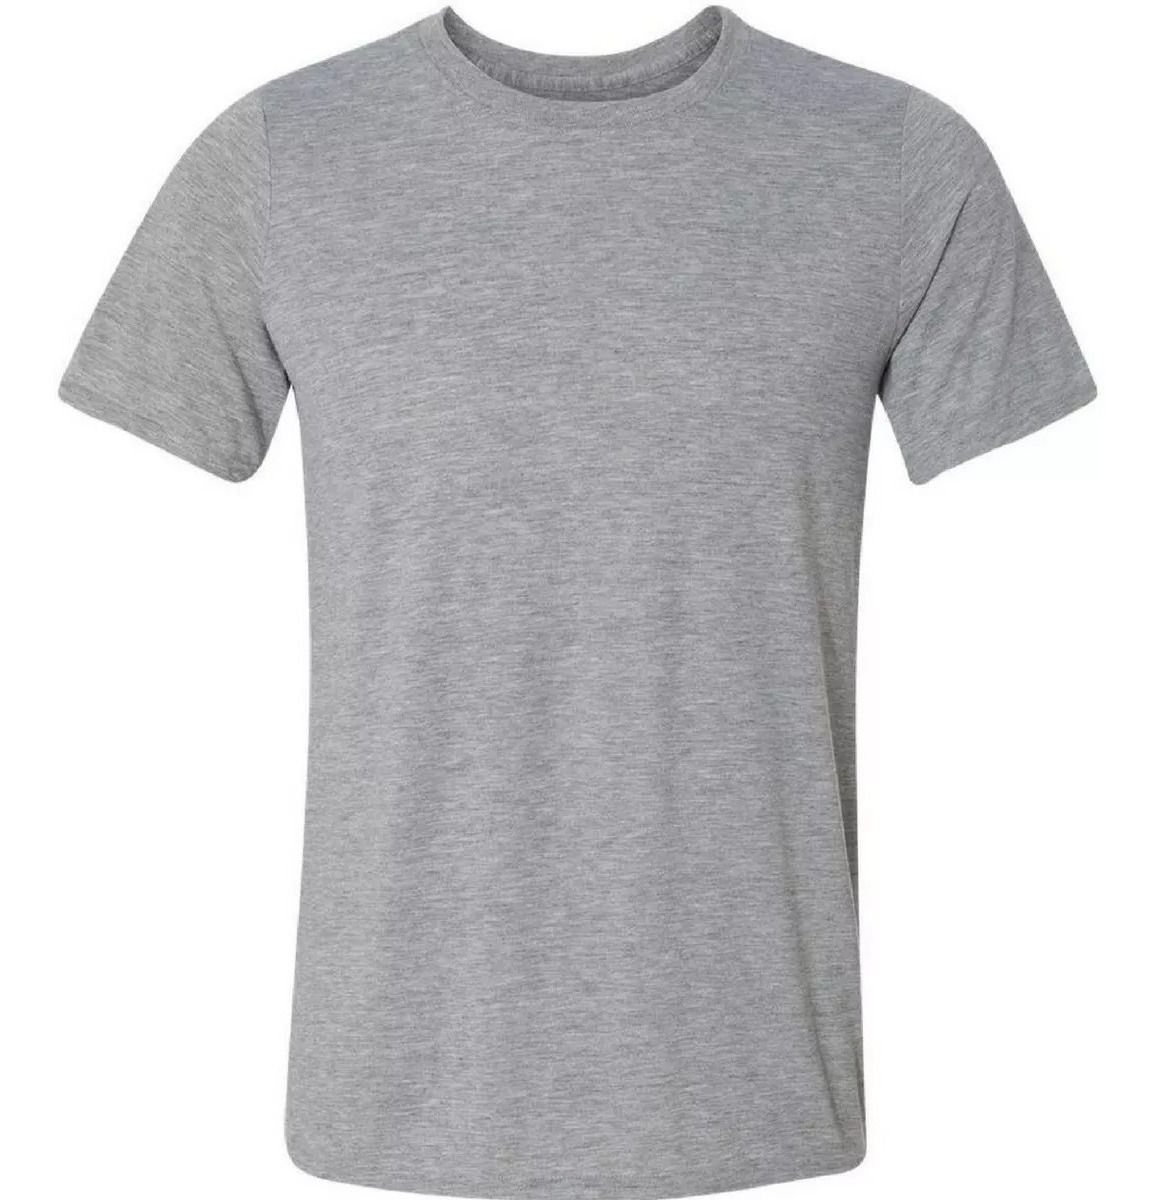 Camiseta cinza para Sublimação Gola careca adulto (PREMIUM)  - ALFANETI COMERCIO DE MIDIAS E SUBLIMAÇÃO LTDA-ME